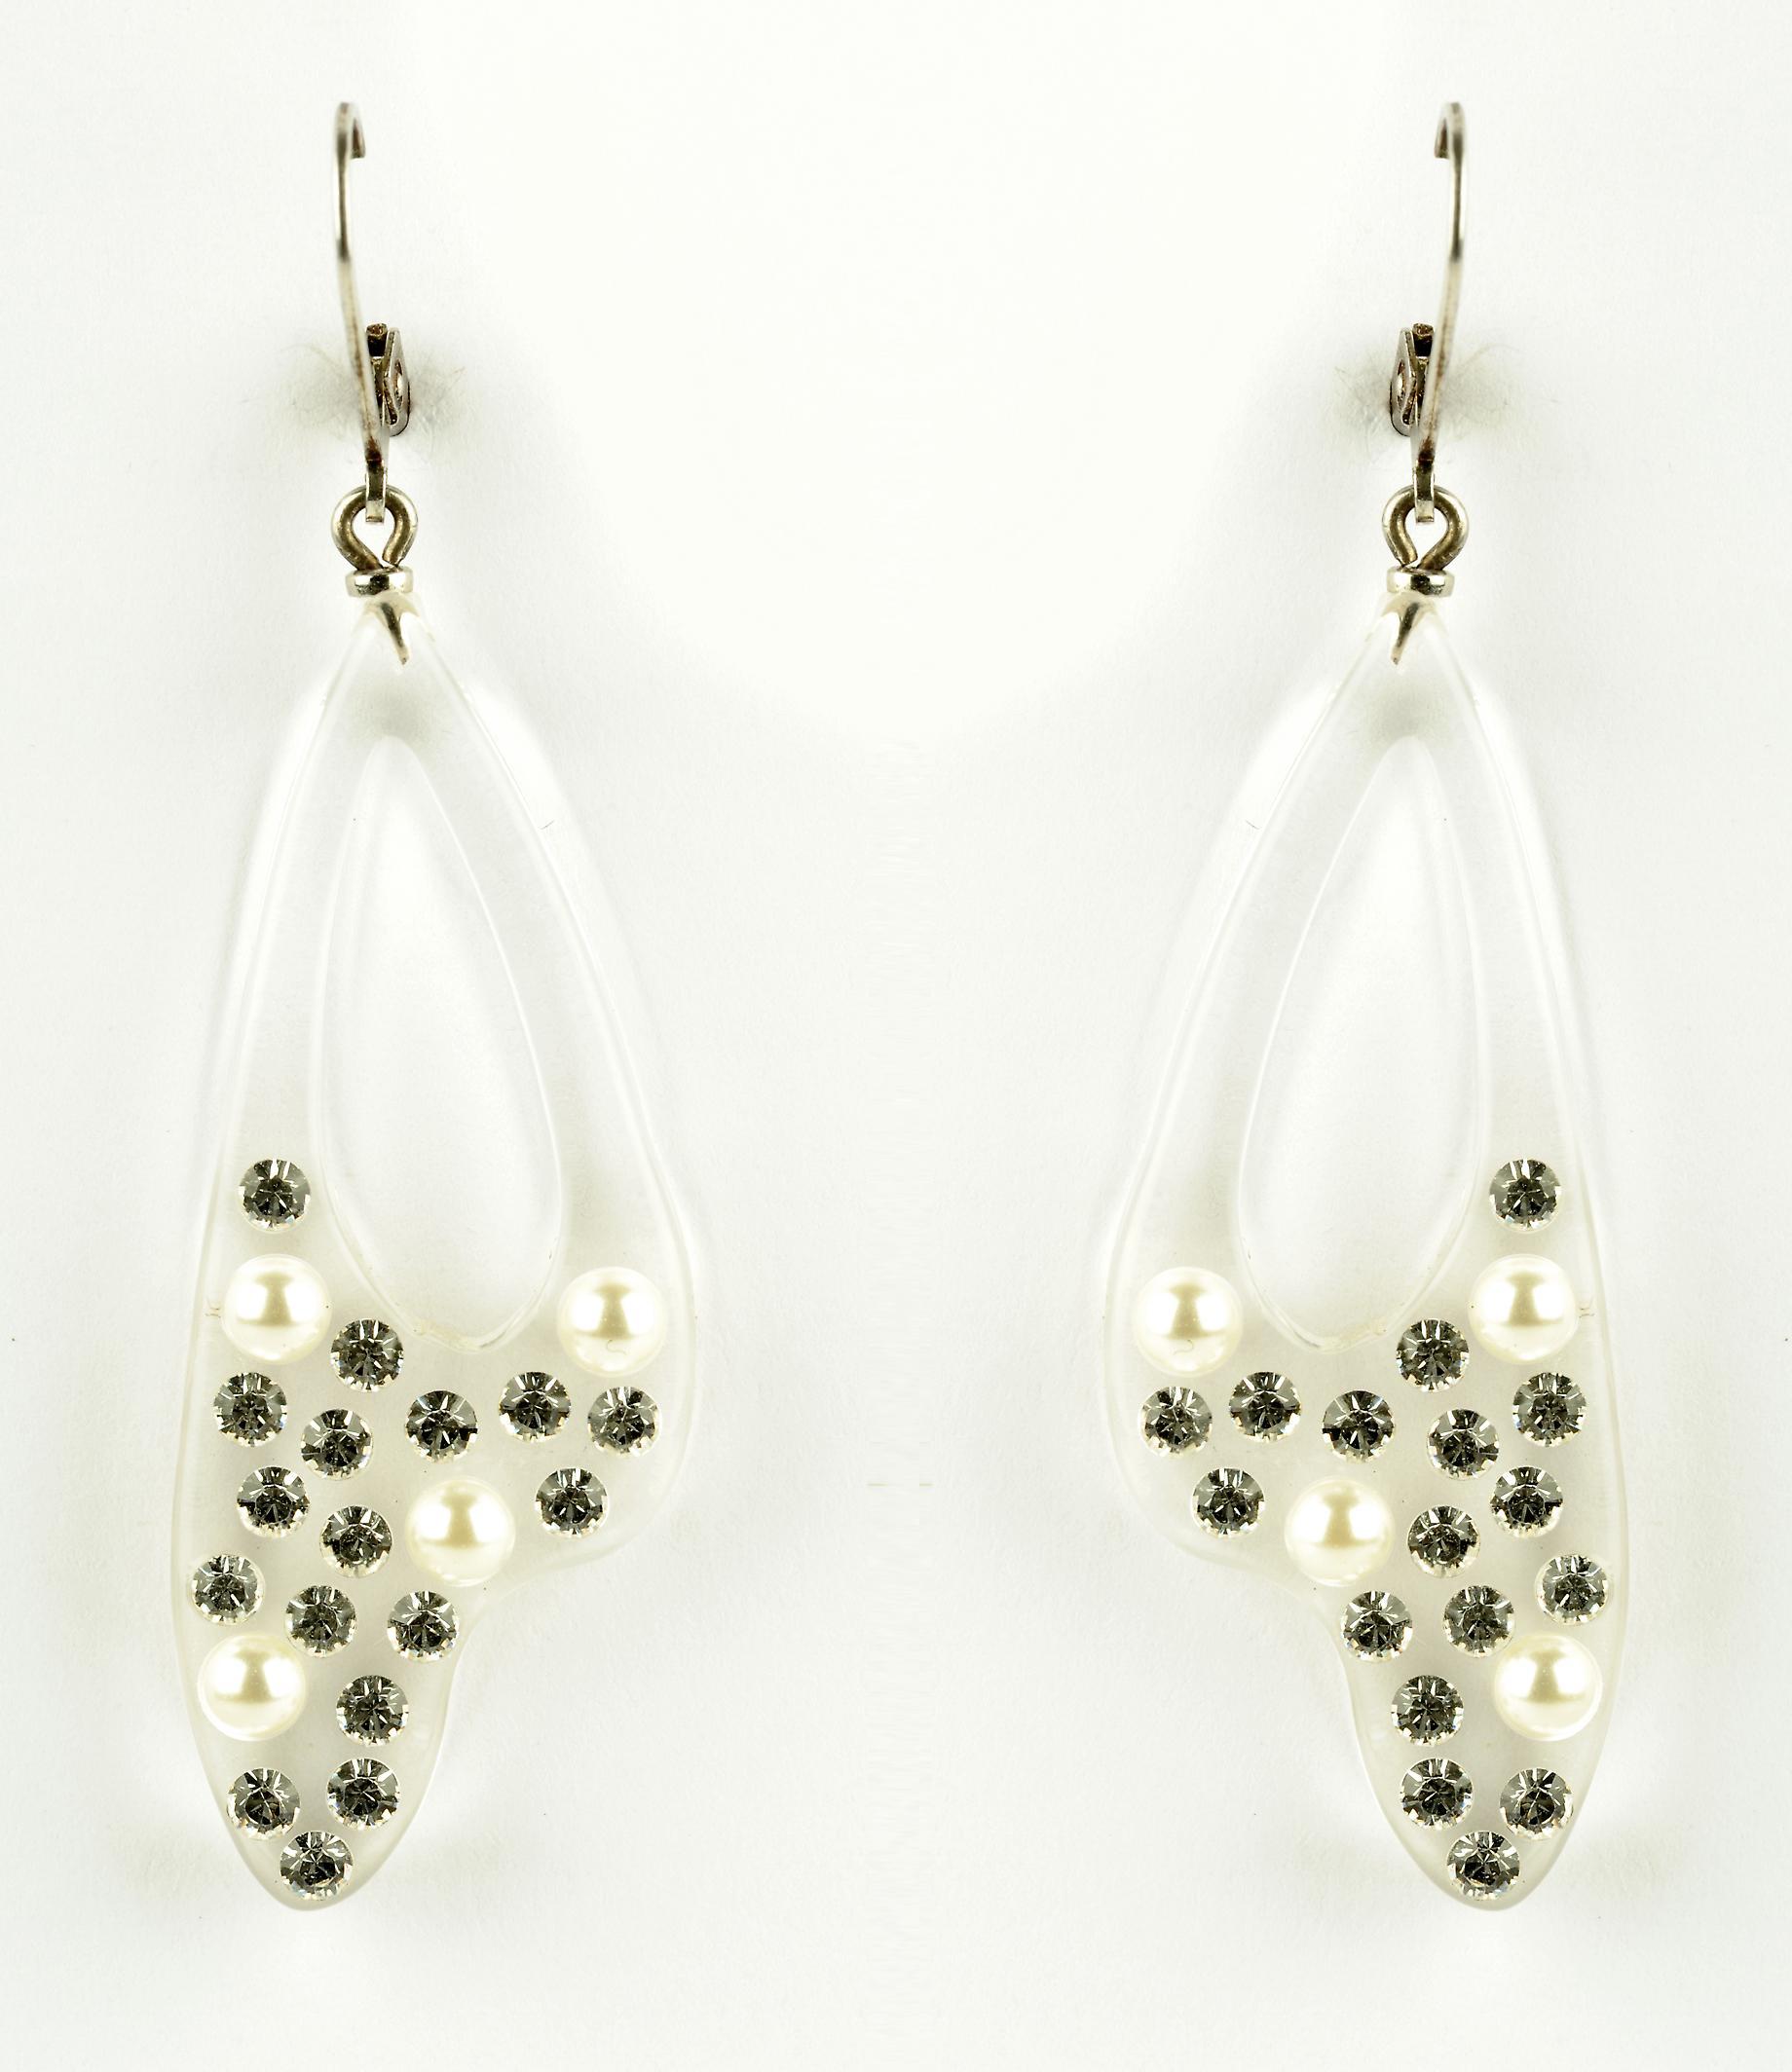 Waooh - Bijoux Fantaisie - WJ0807 - Boucles D'Oreille avec Strass Swarovski Gris Style Diamant & Perles Blanc Nacre sur Monture Perspex Transparente